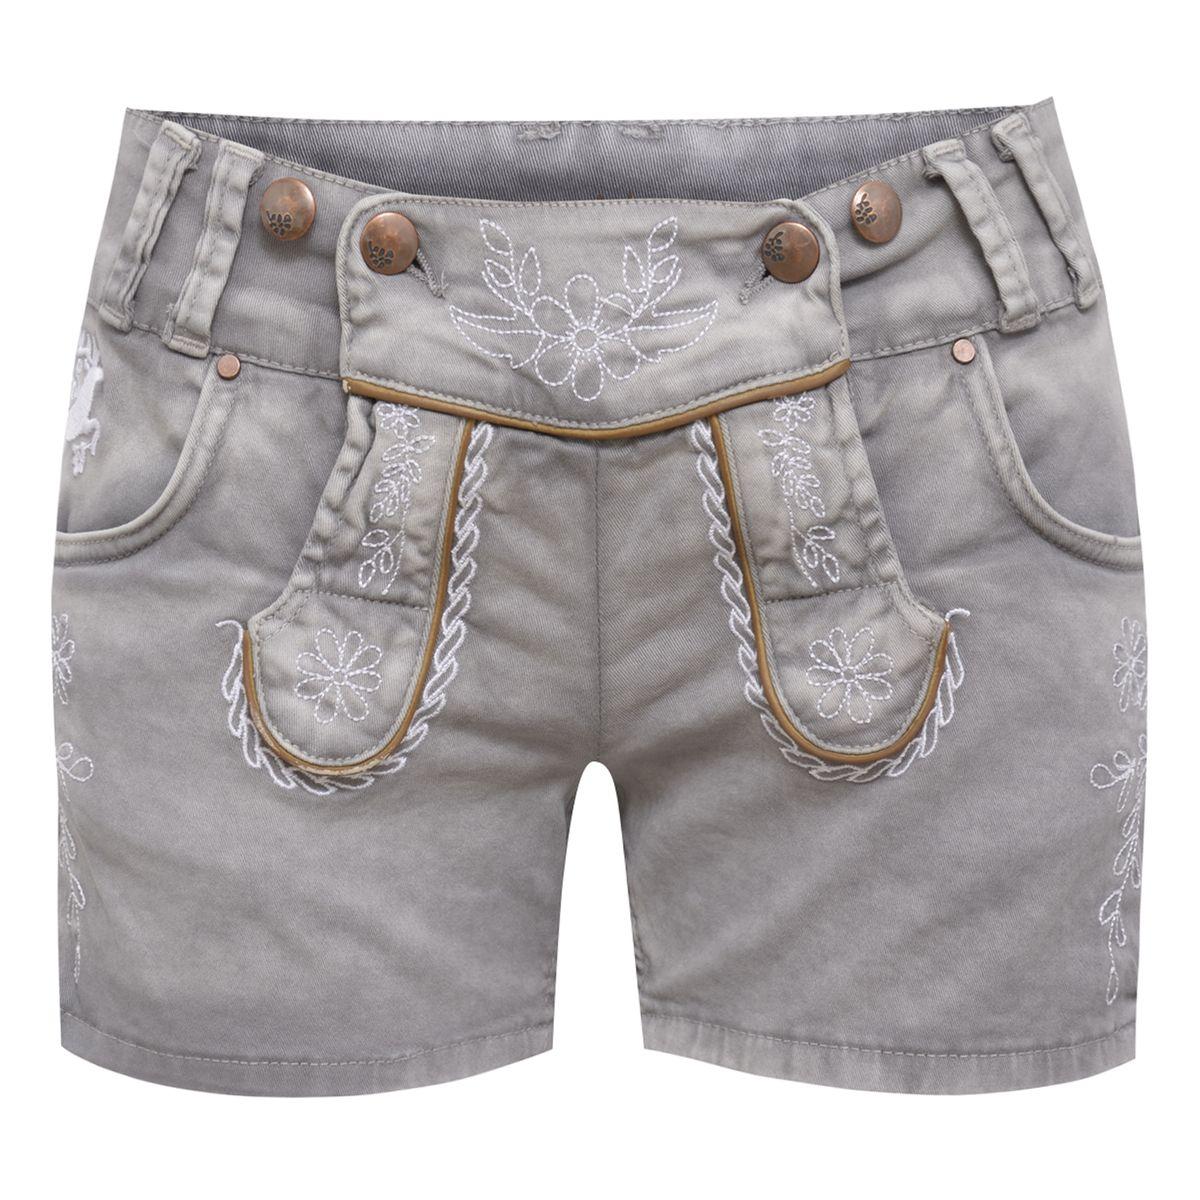 kurze Jeans-Lederhose Betty in Hellgrau von Hangowear